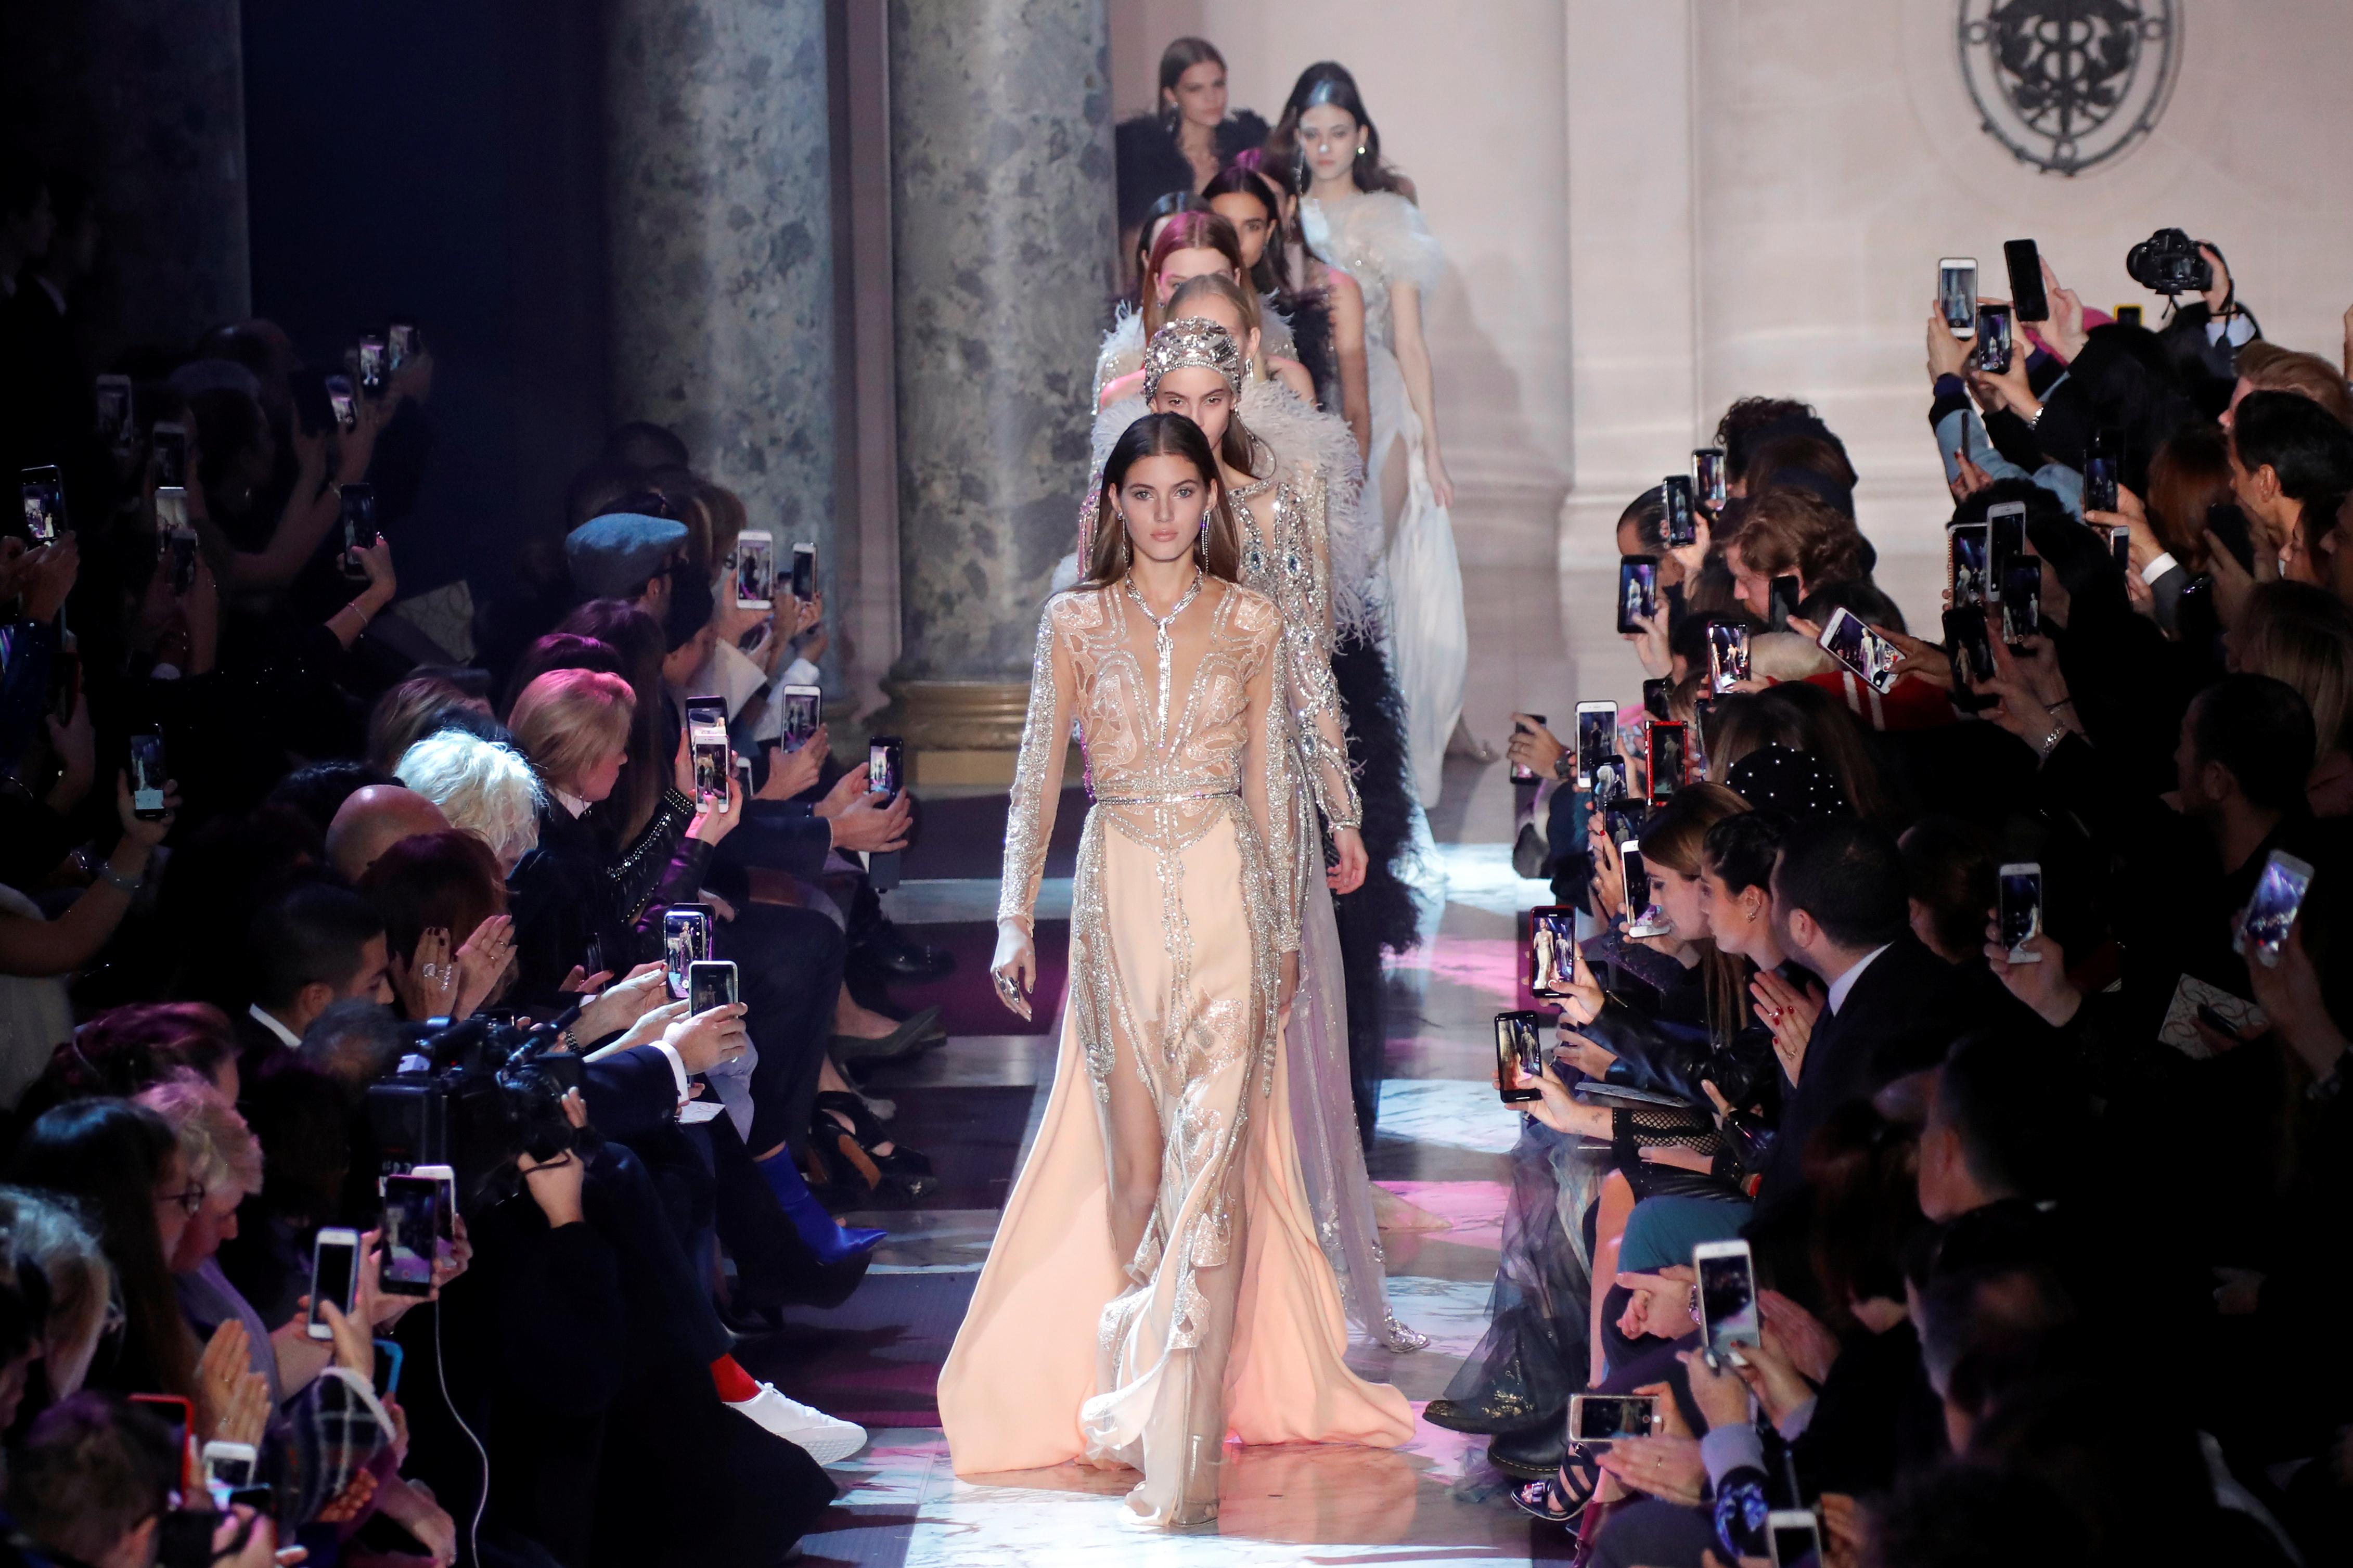 عرض المصمم العالمى إيلى صعب فى أسبوع الموضة فى باريس (2)